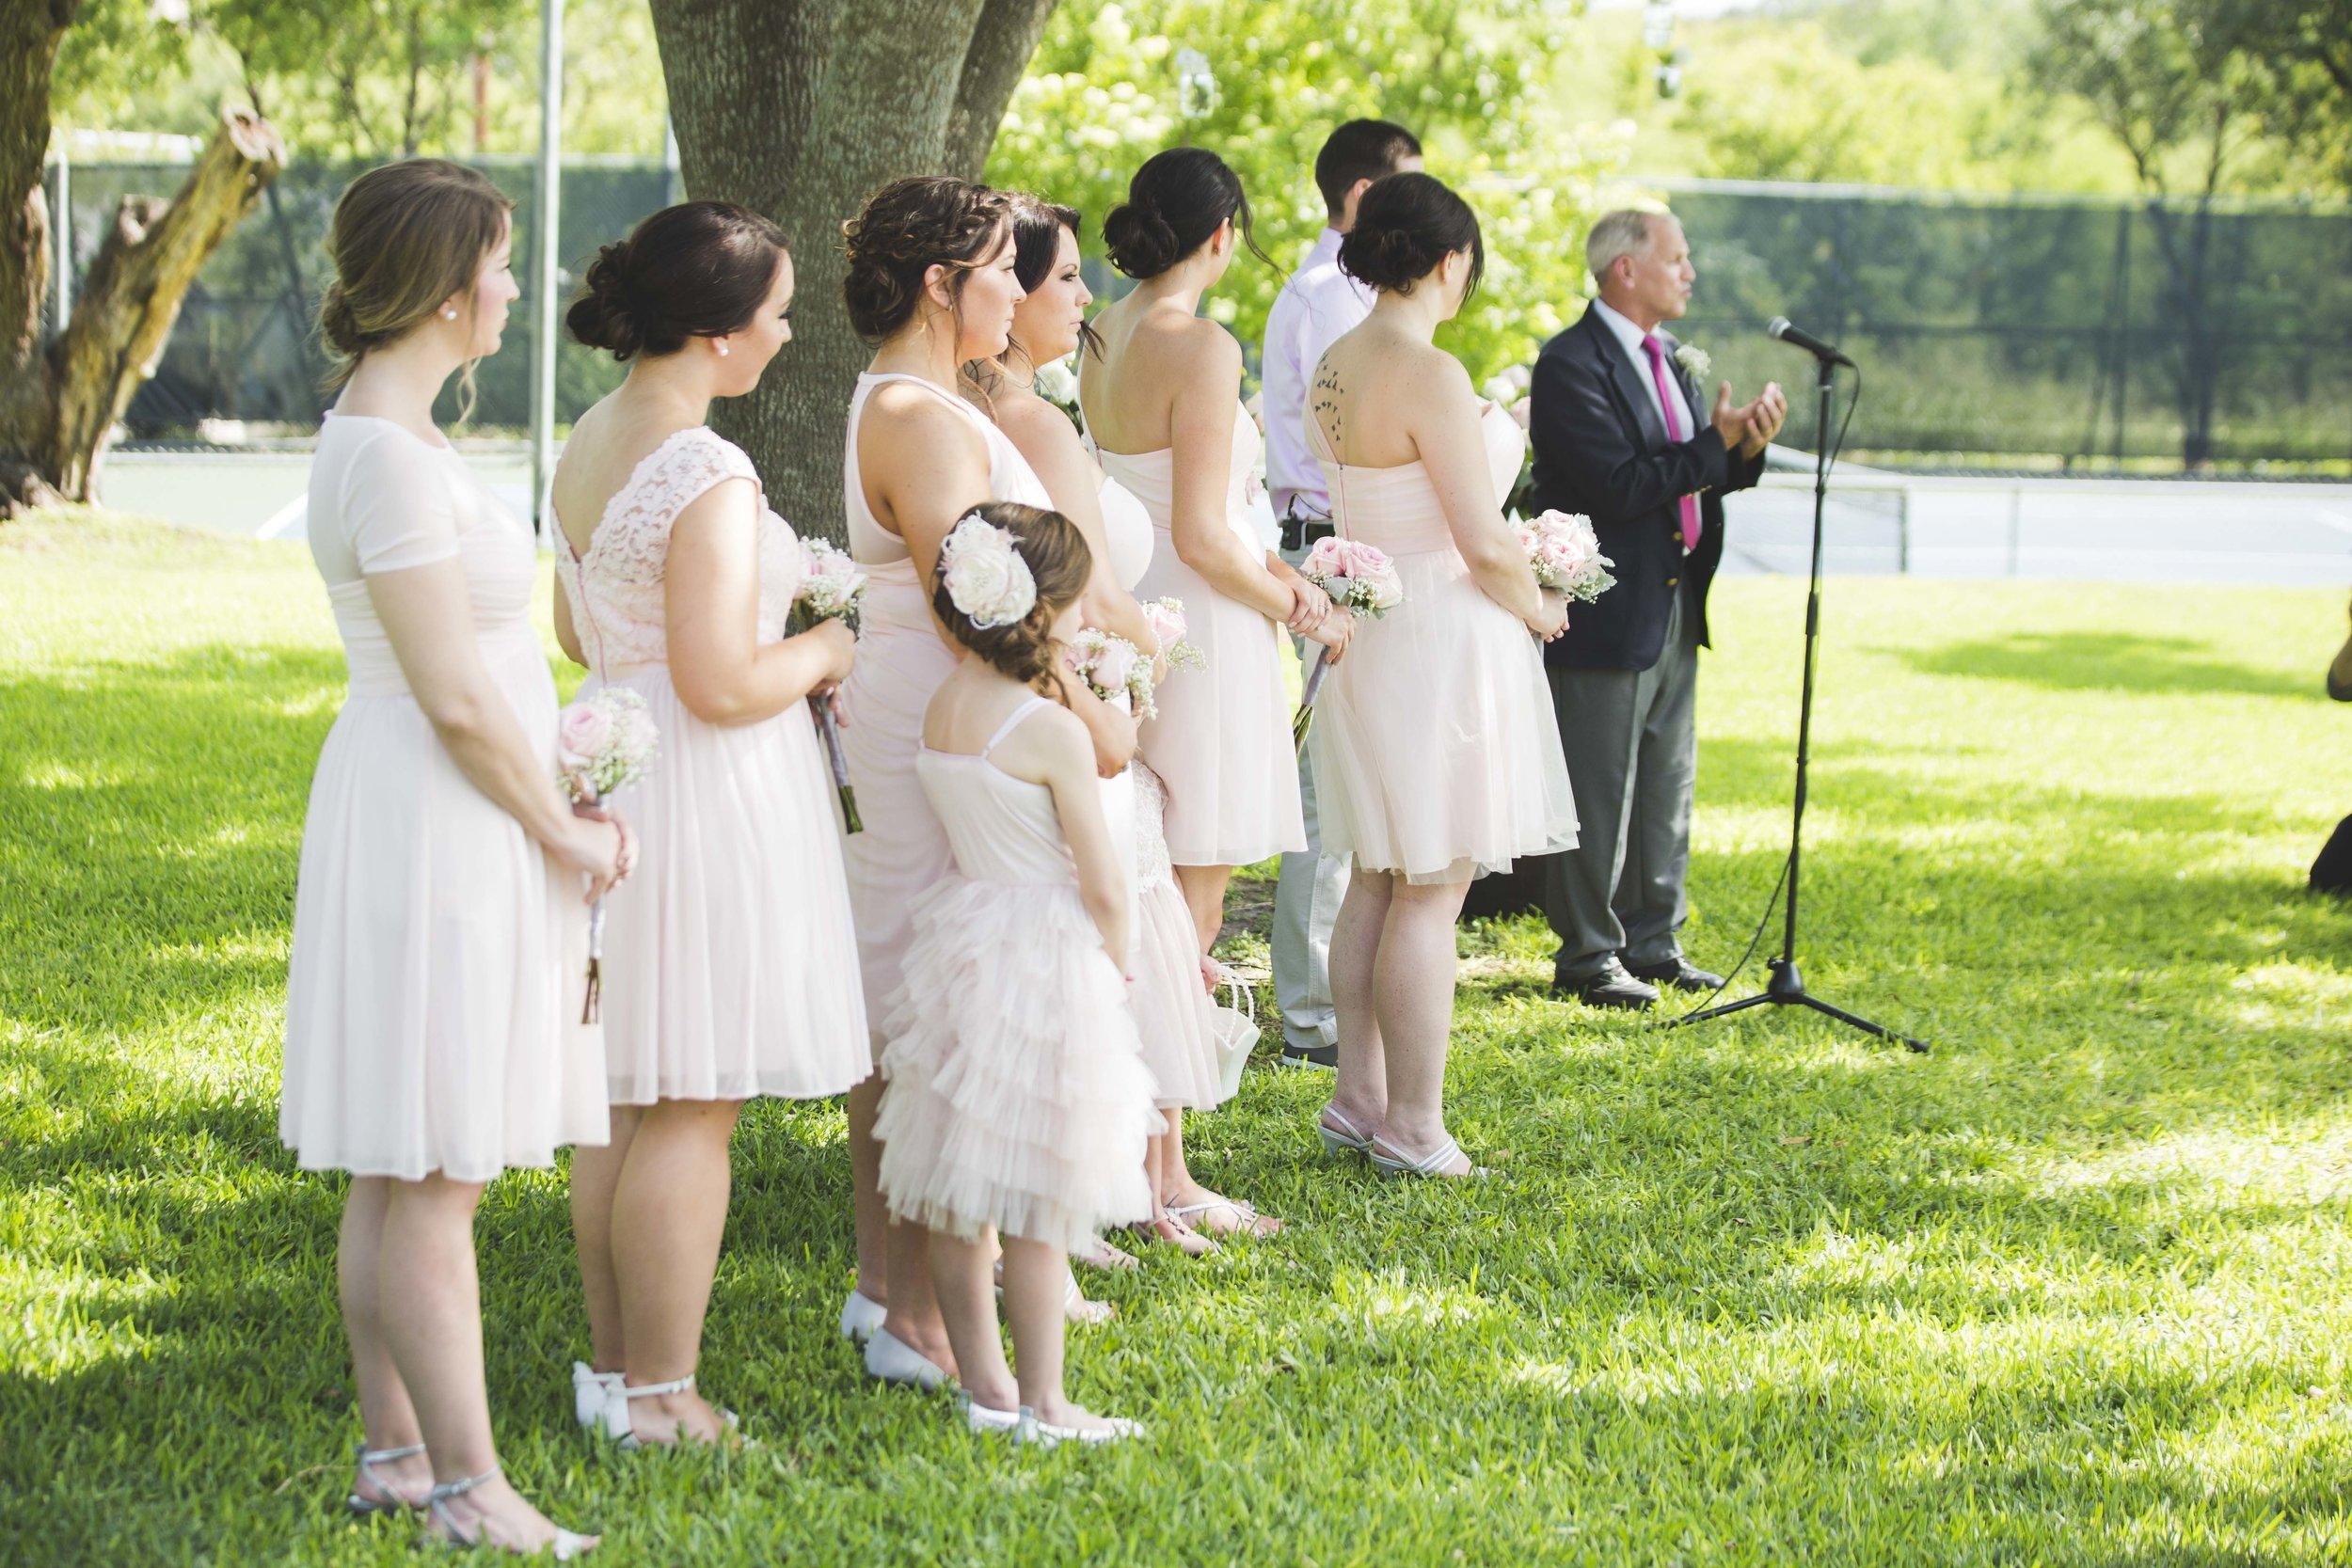 ATGI_Susanna & Matt Wedding_717A7596.jpg